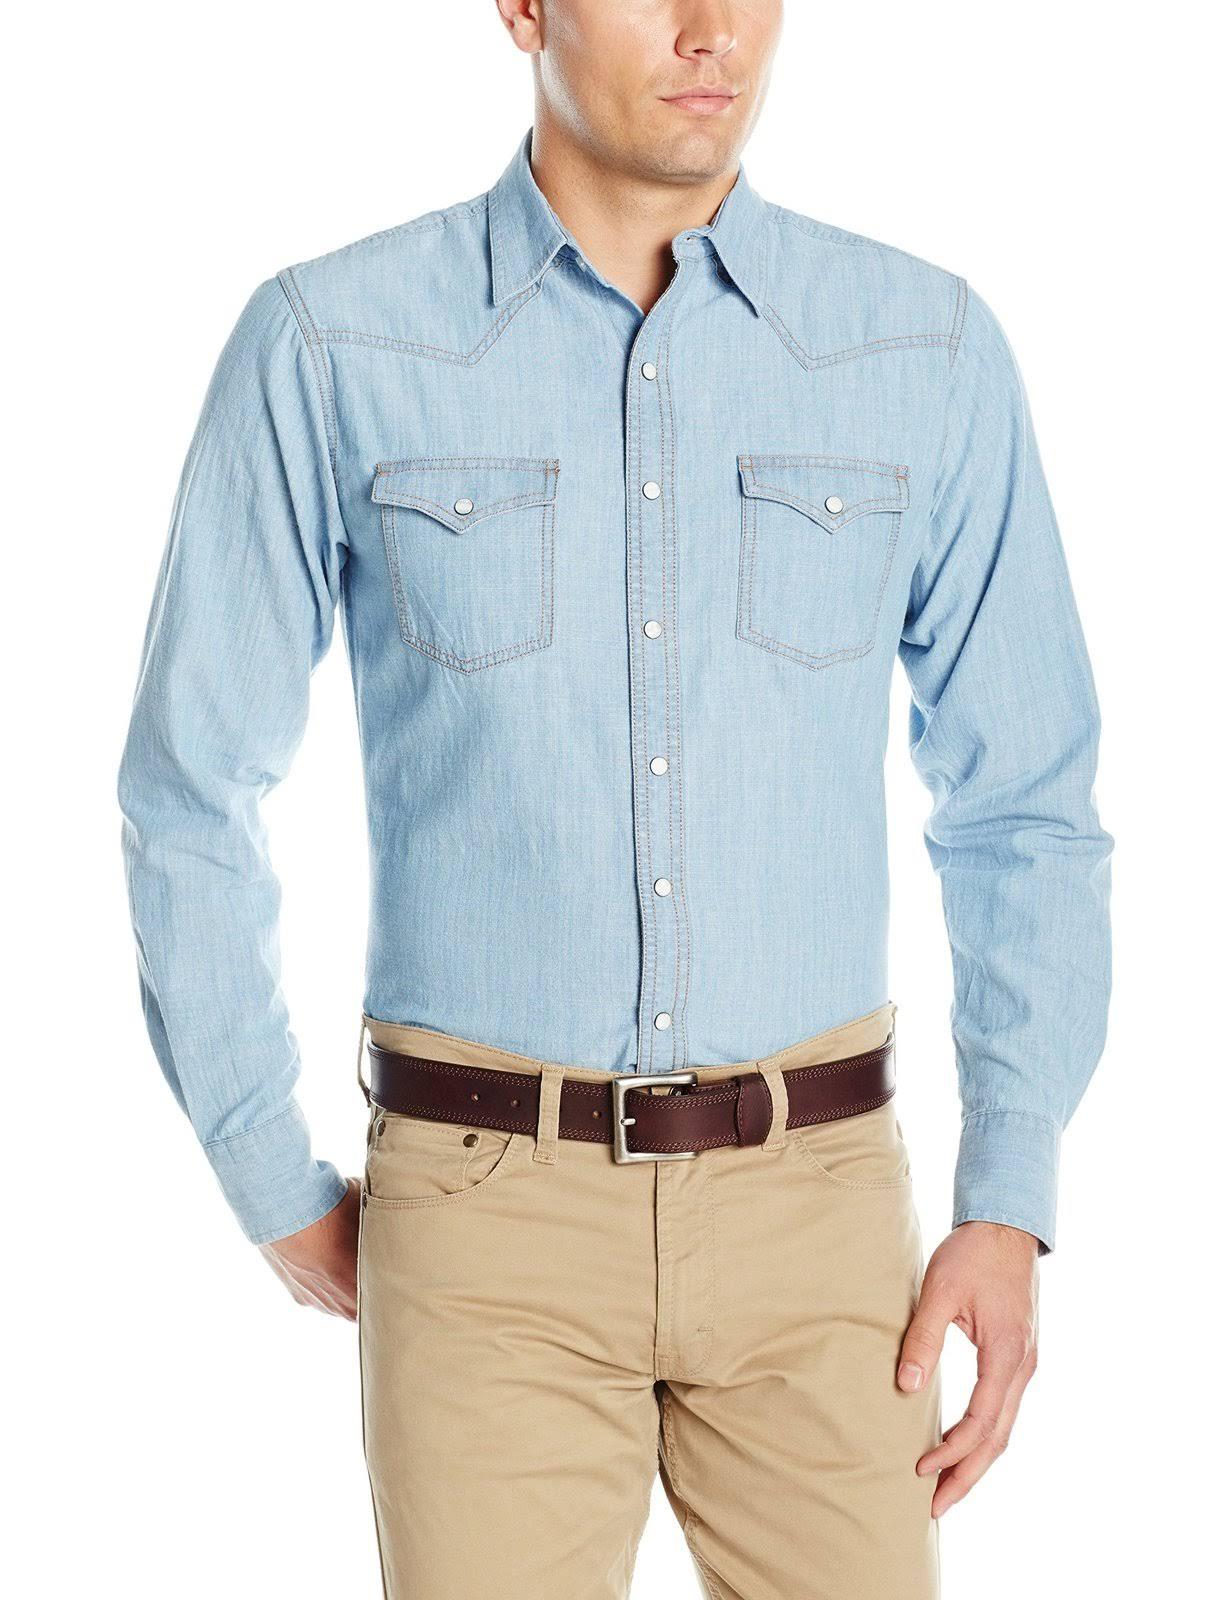 Retro Hombres A De Mvr277d Cuadros Regular Manga Para Wrangler Larga Camisa Azul pSxqaxwU